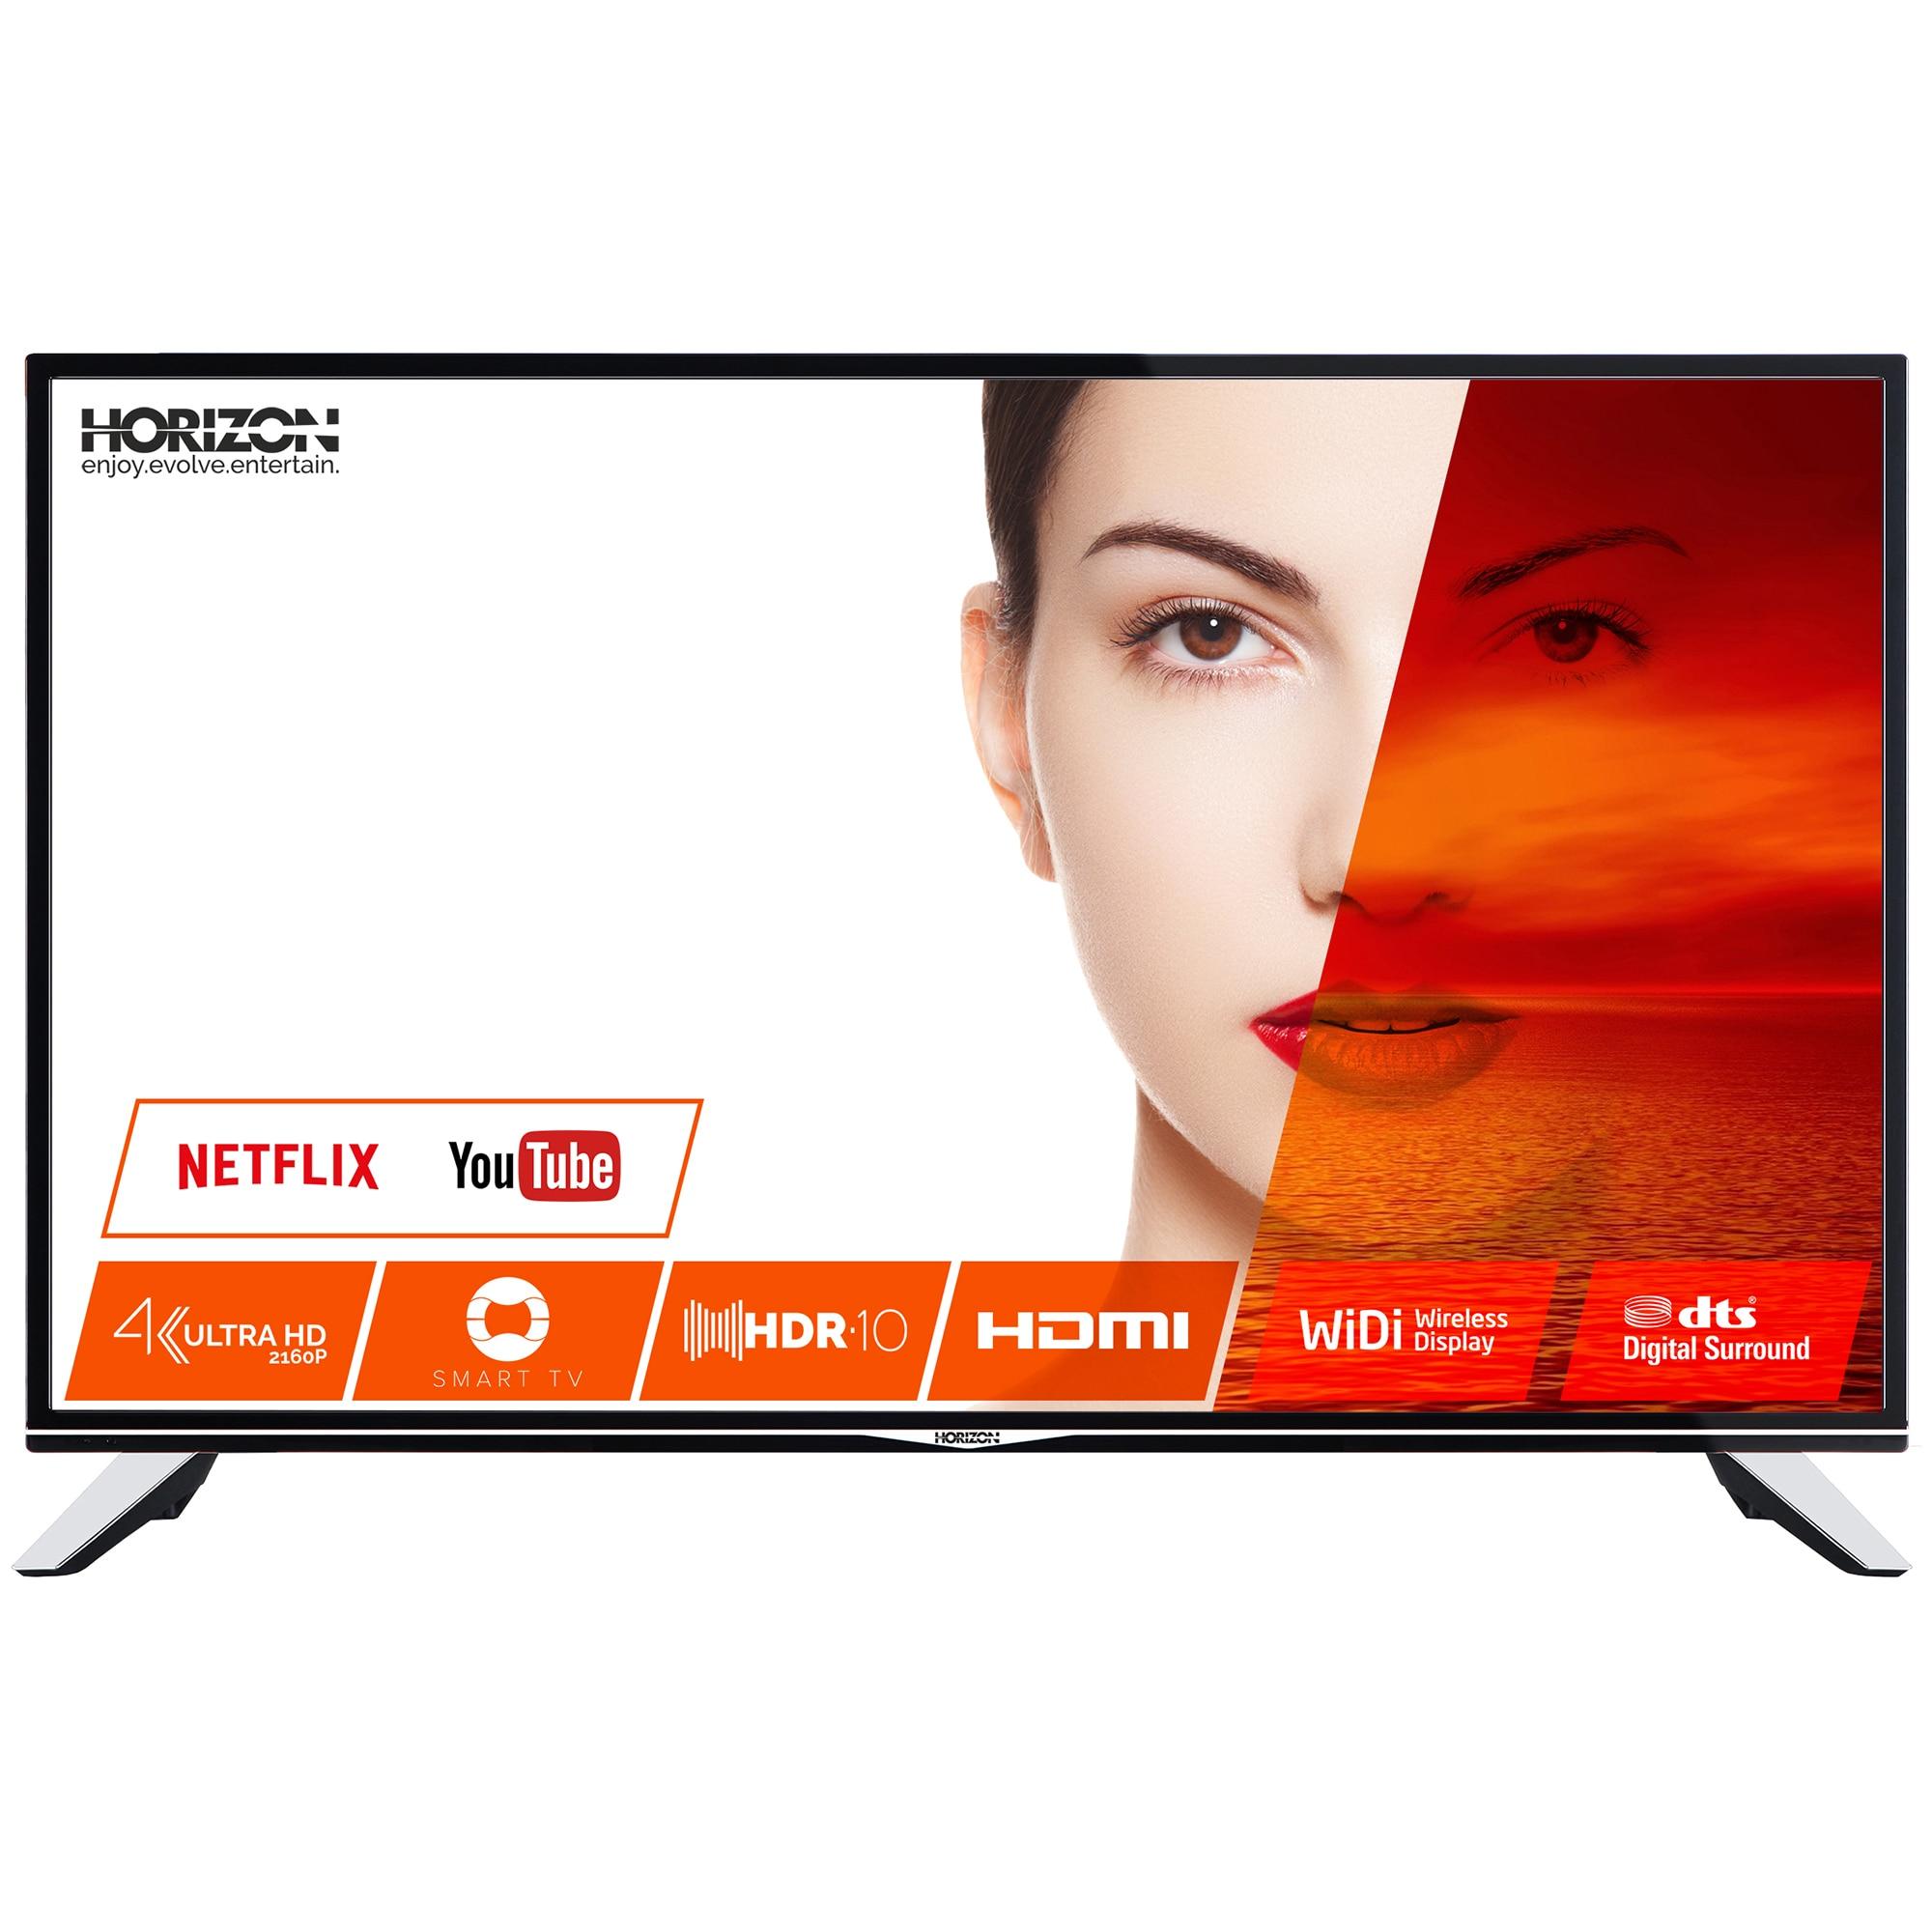 Fotografie Televizor LED Smart Horizon, 109 cm, 43HL7530U, 4K Ultra HD